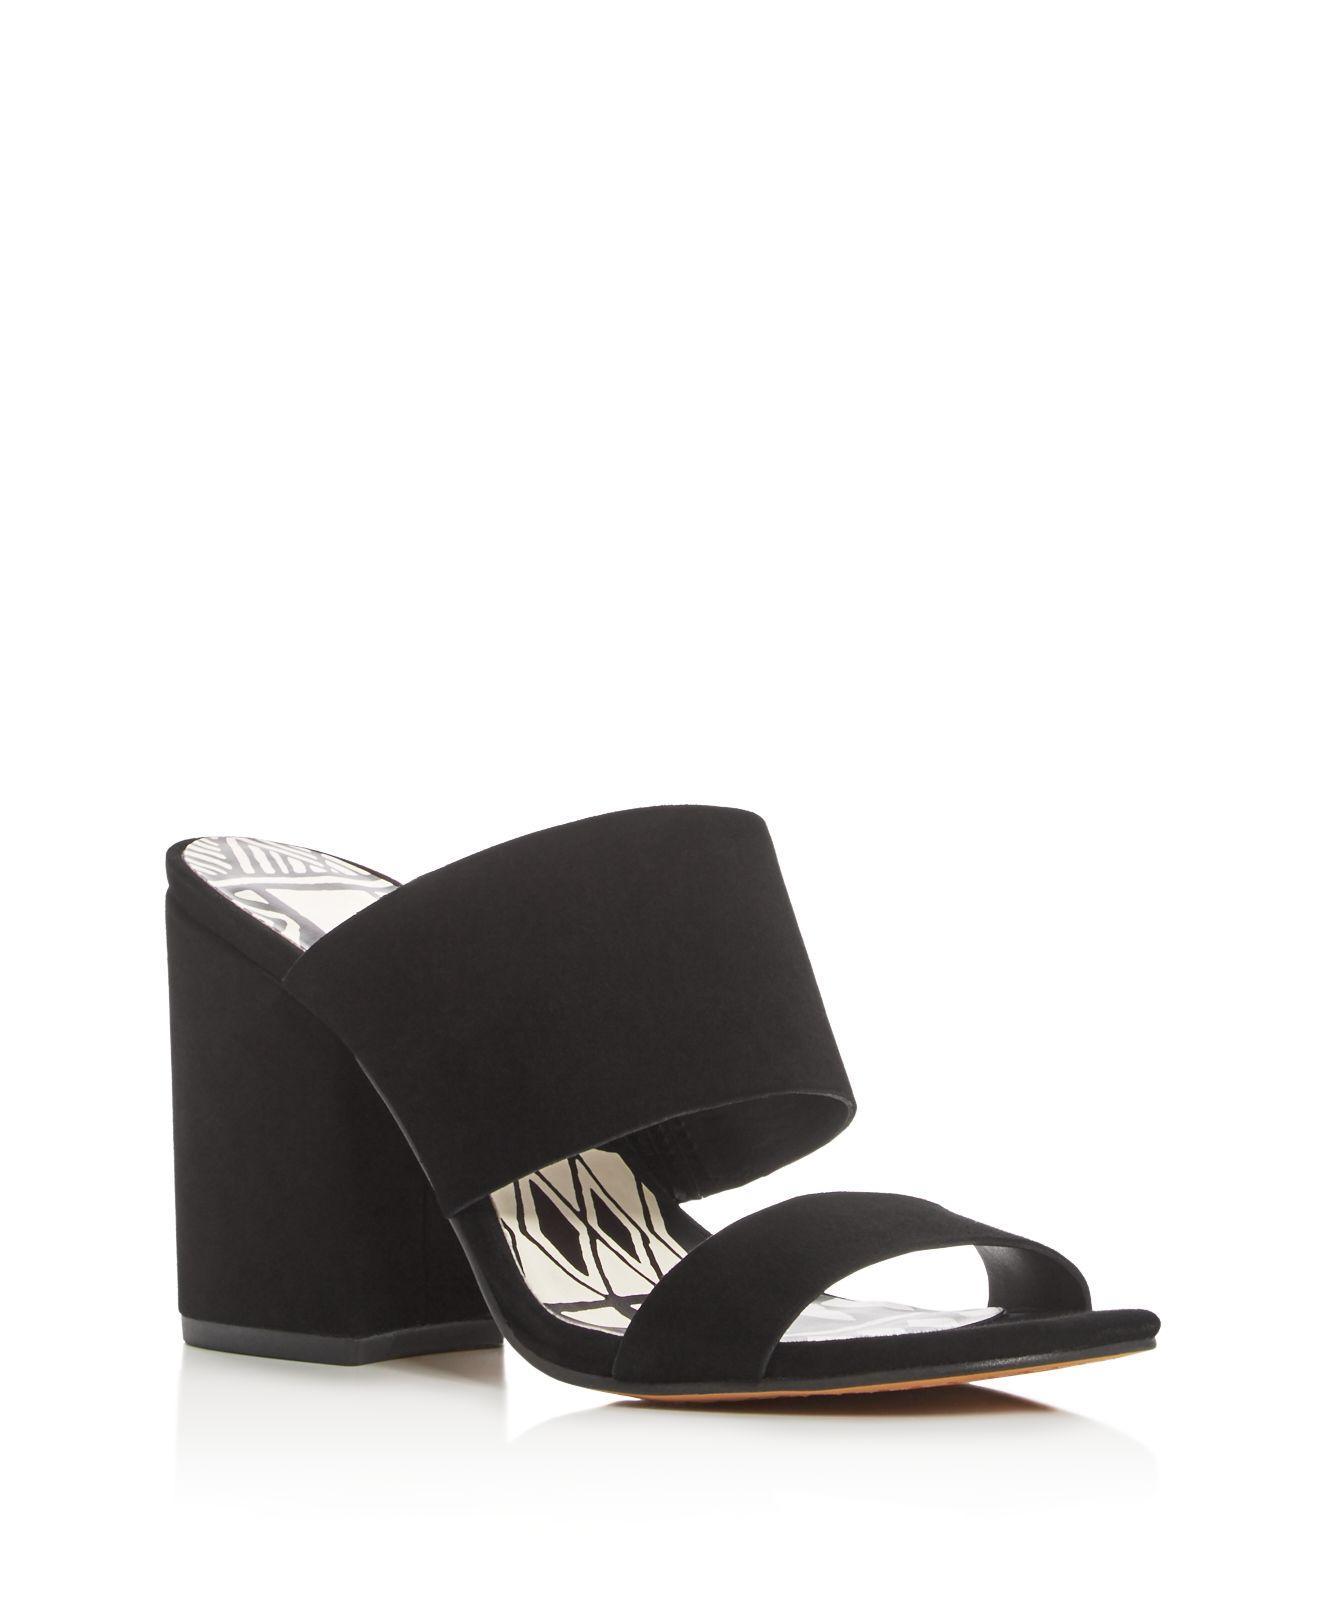 lyst dolce vita two band block heel slide sandals in black. Black Bedroom Furniture Sets. Home Design Ideas